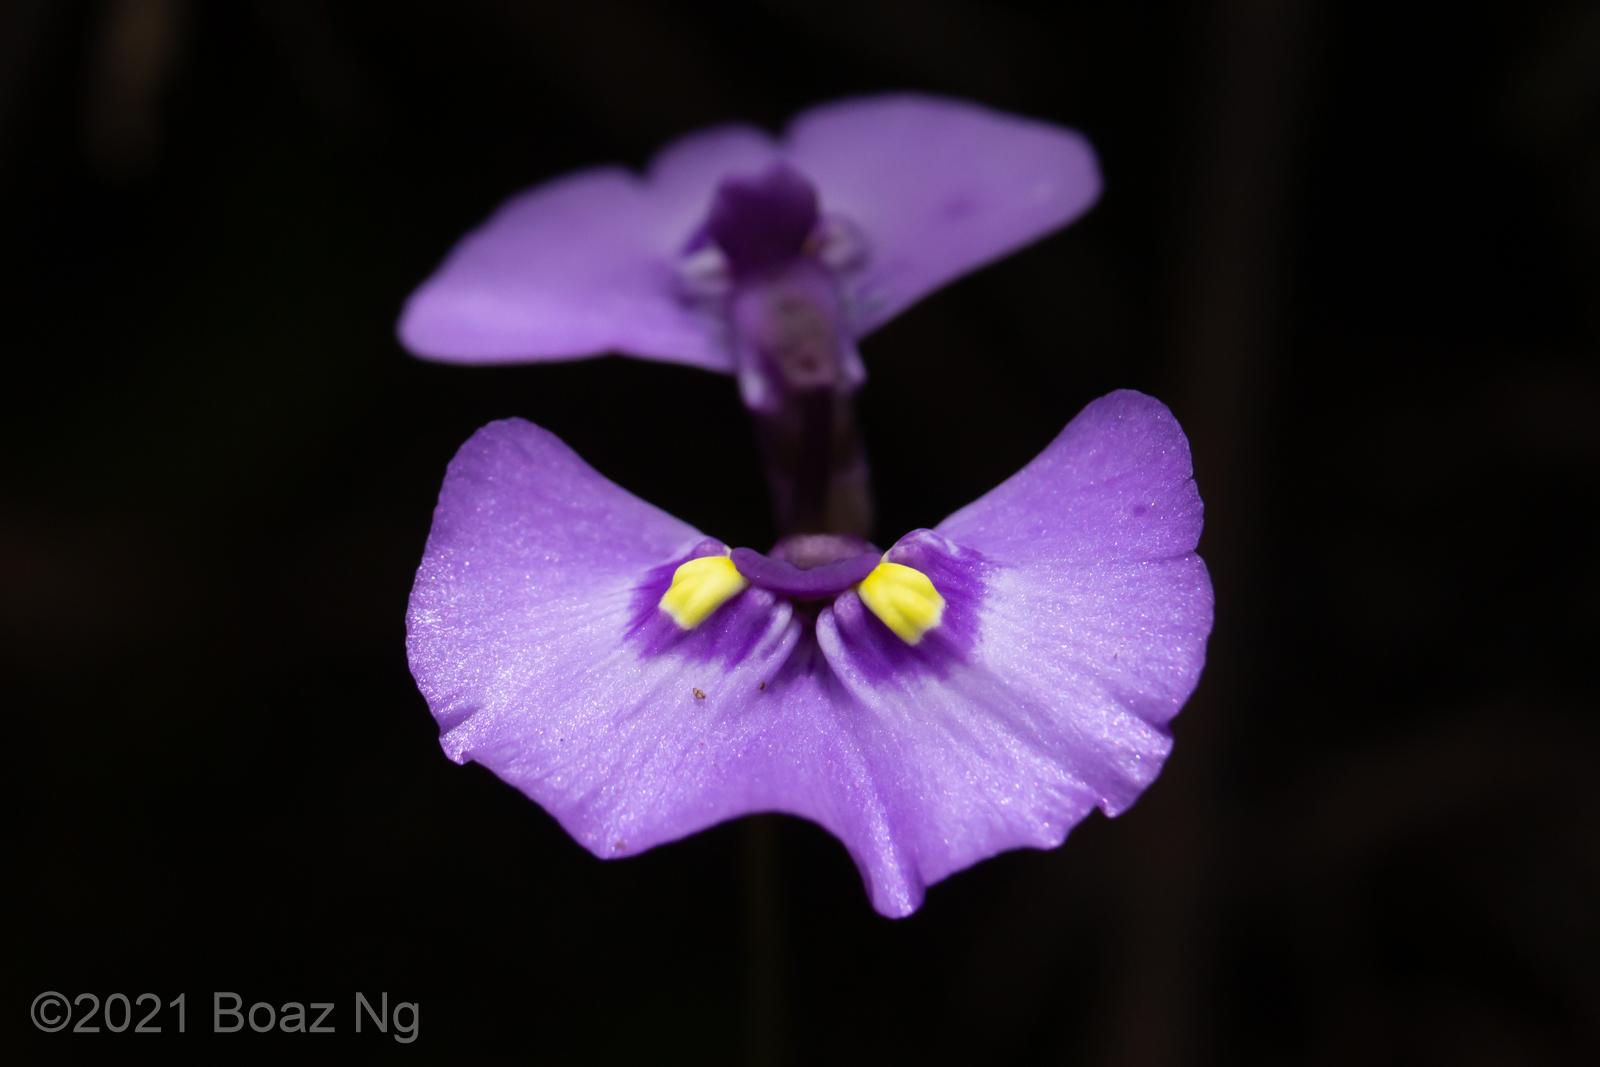 Utricularia dichotoma subsp. aquilonia